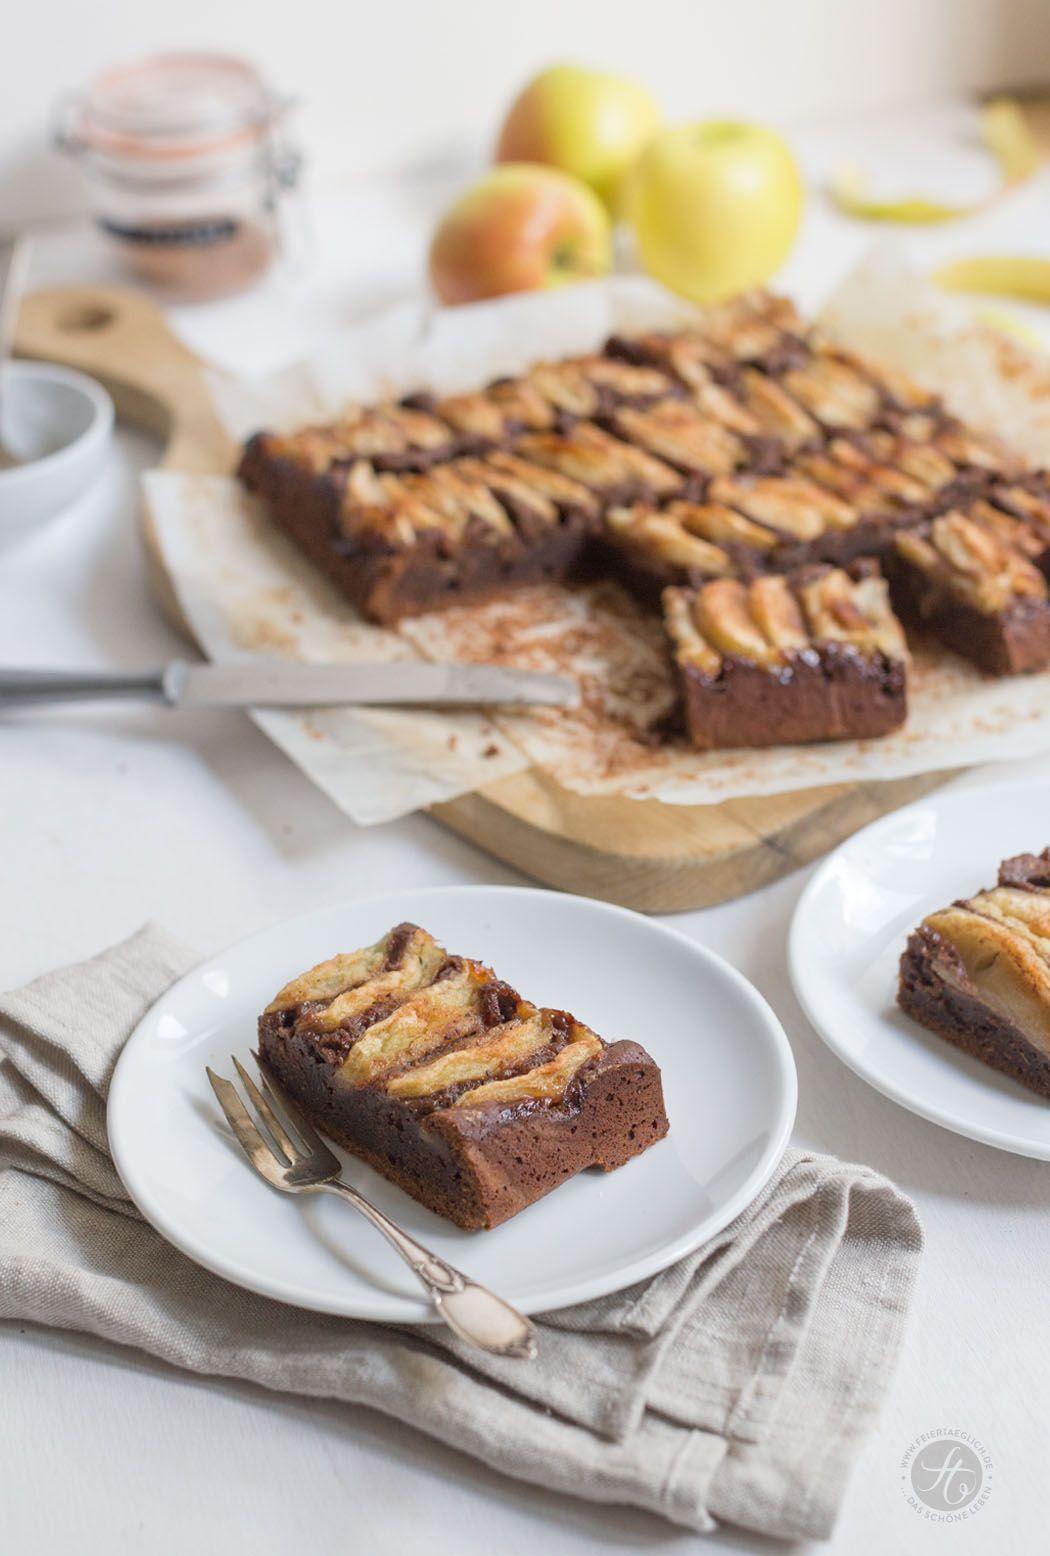 Schoko-Chai-Apfelkuchen, Rezept, große Apfelkuchenliebe zum #Apfelbäckchen Blogevent